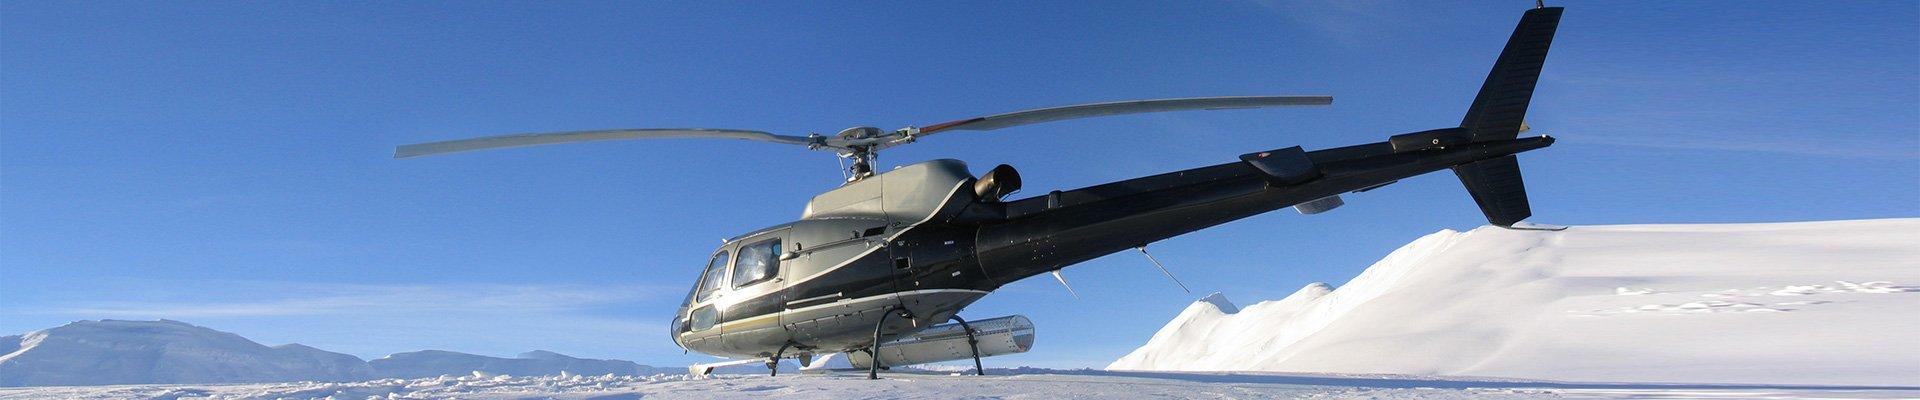 helikopter verhuur